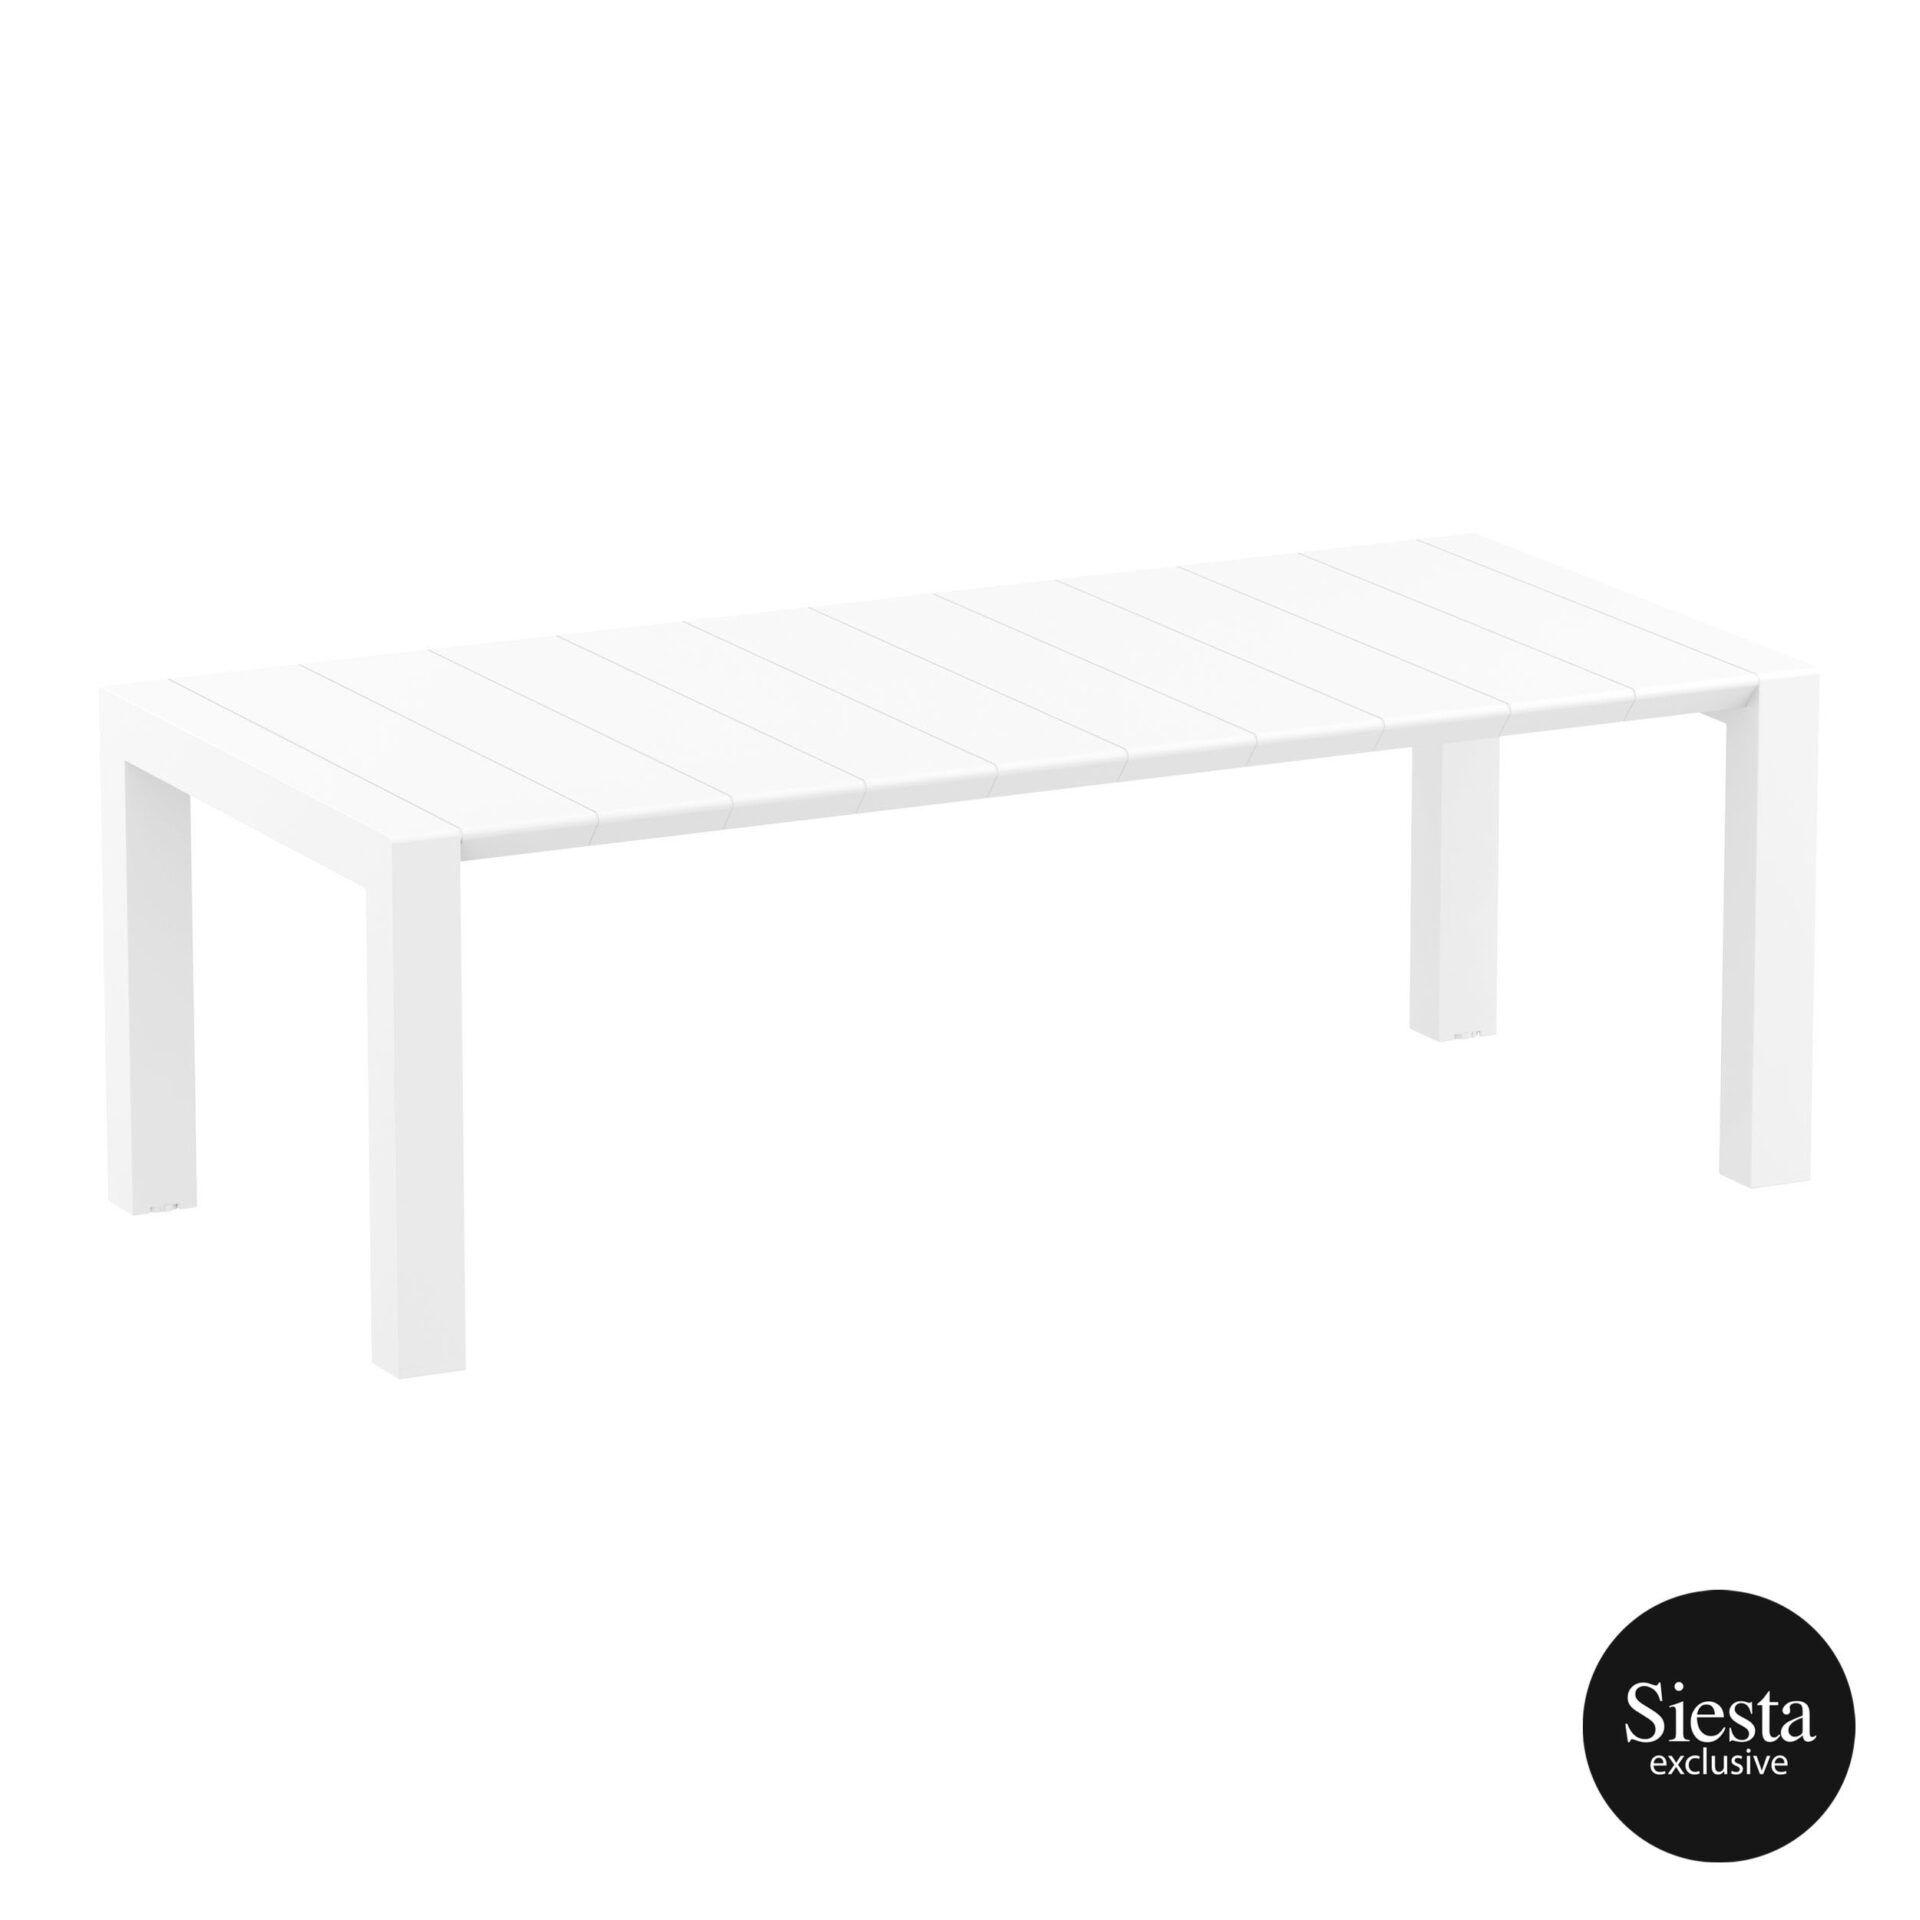 014 vegas table medium 220 white front side